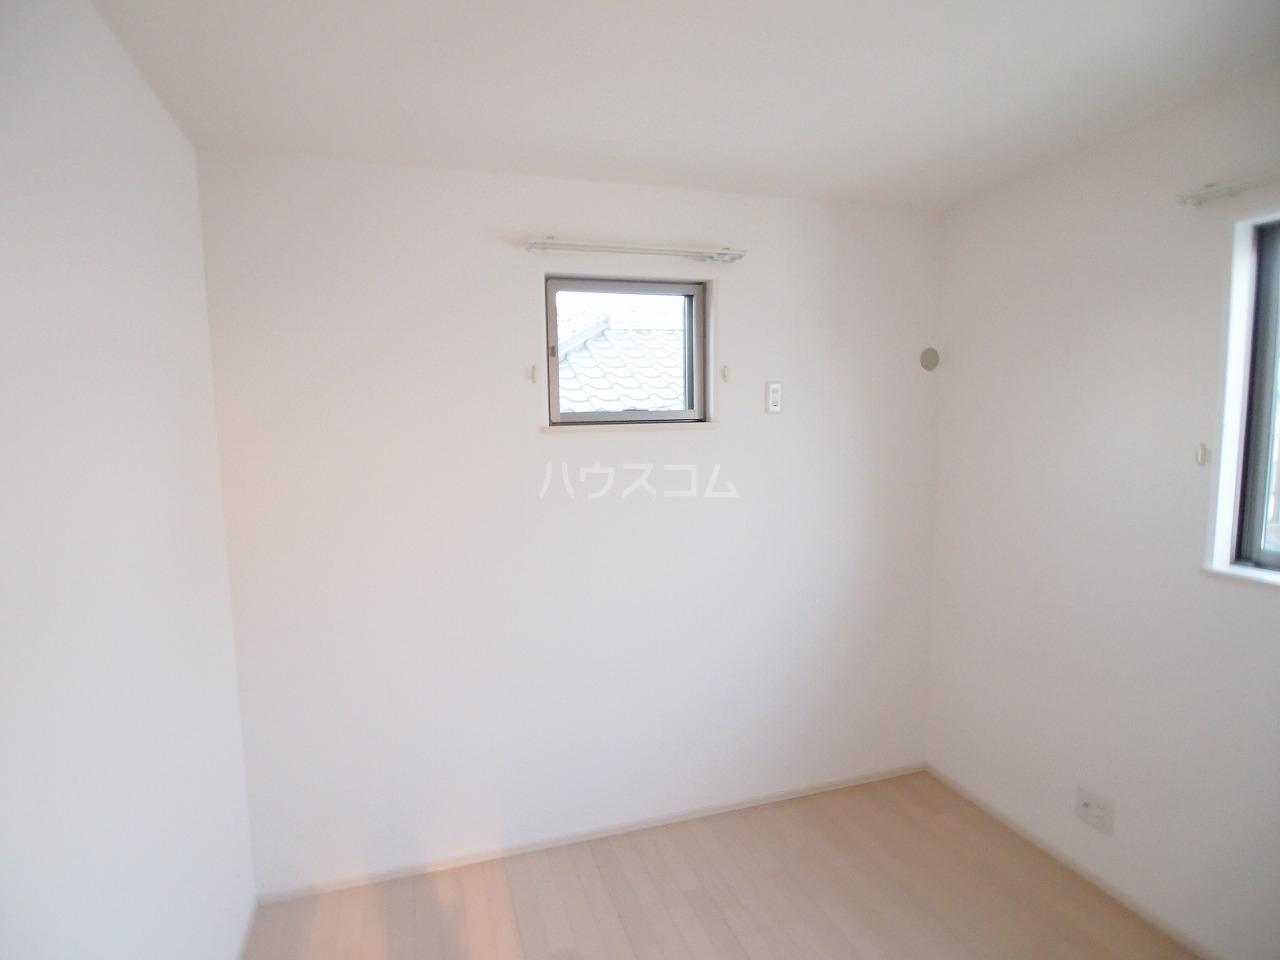 フィット元山の居室